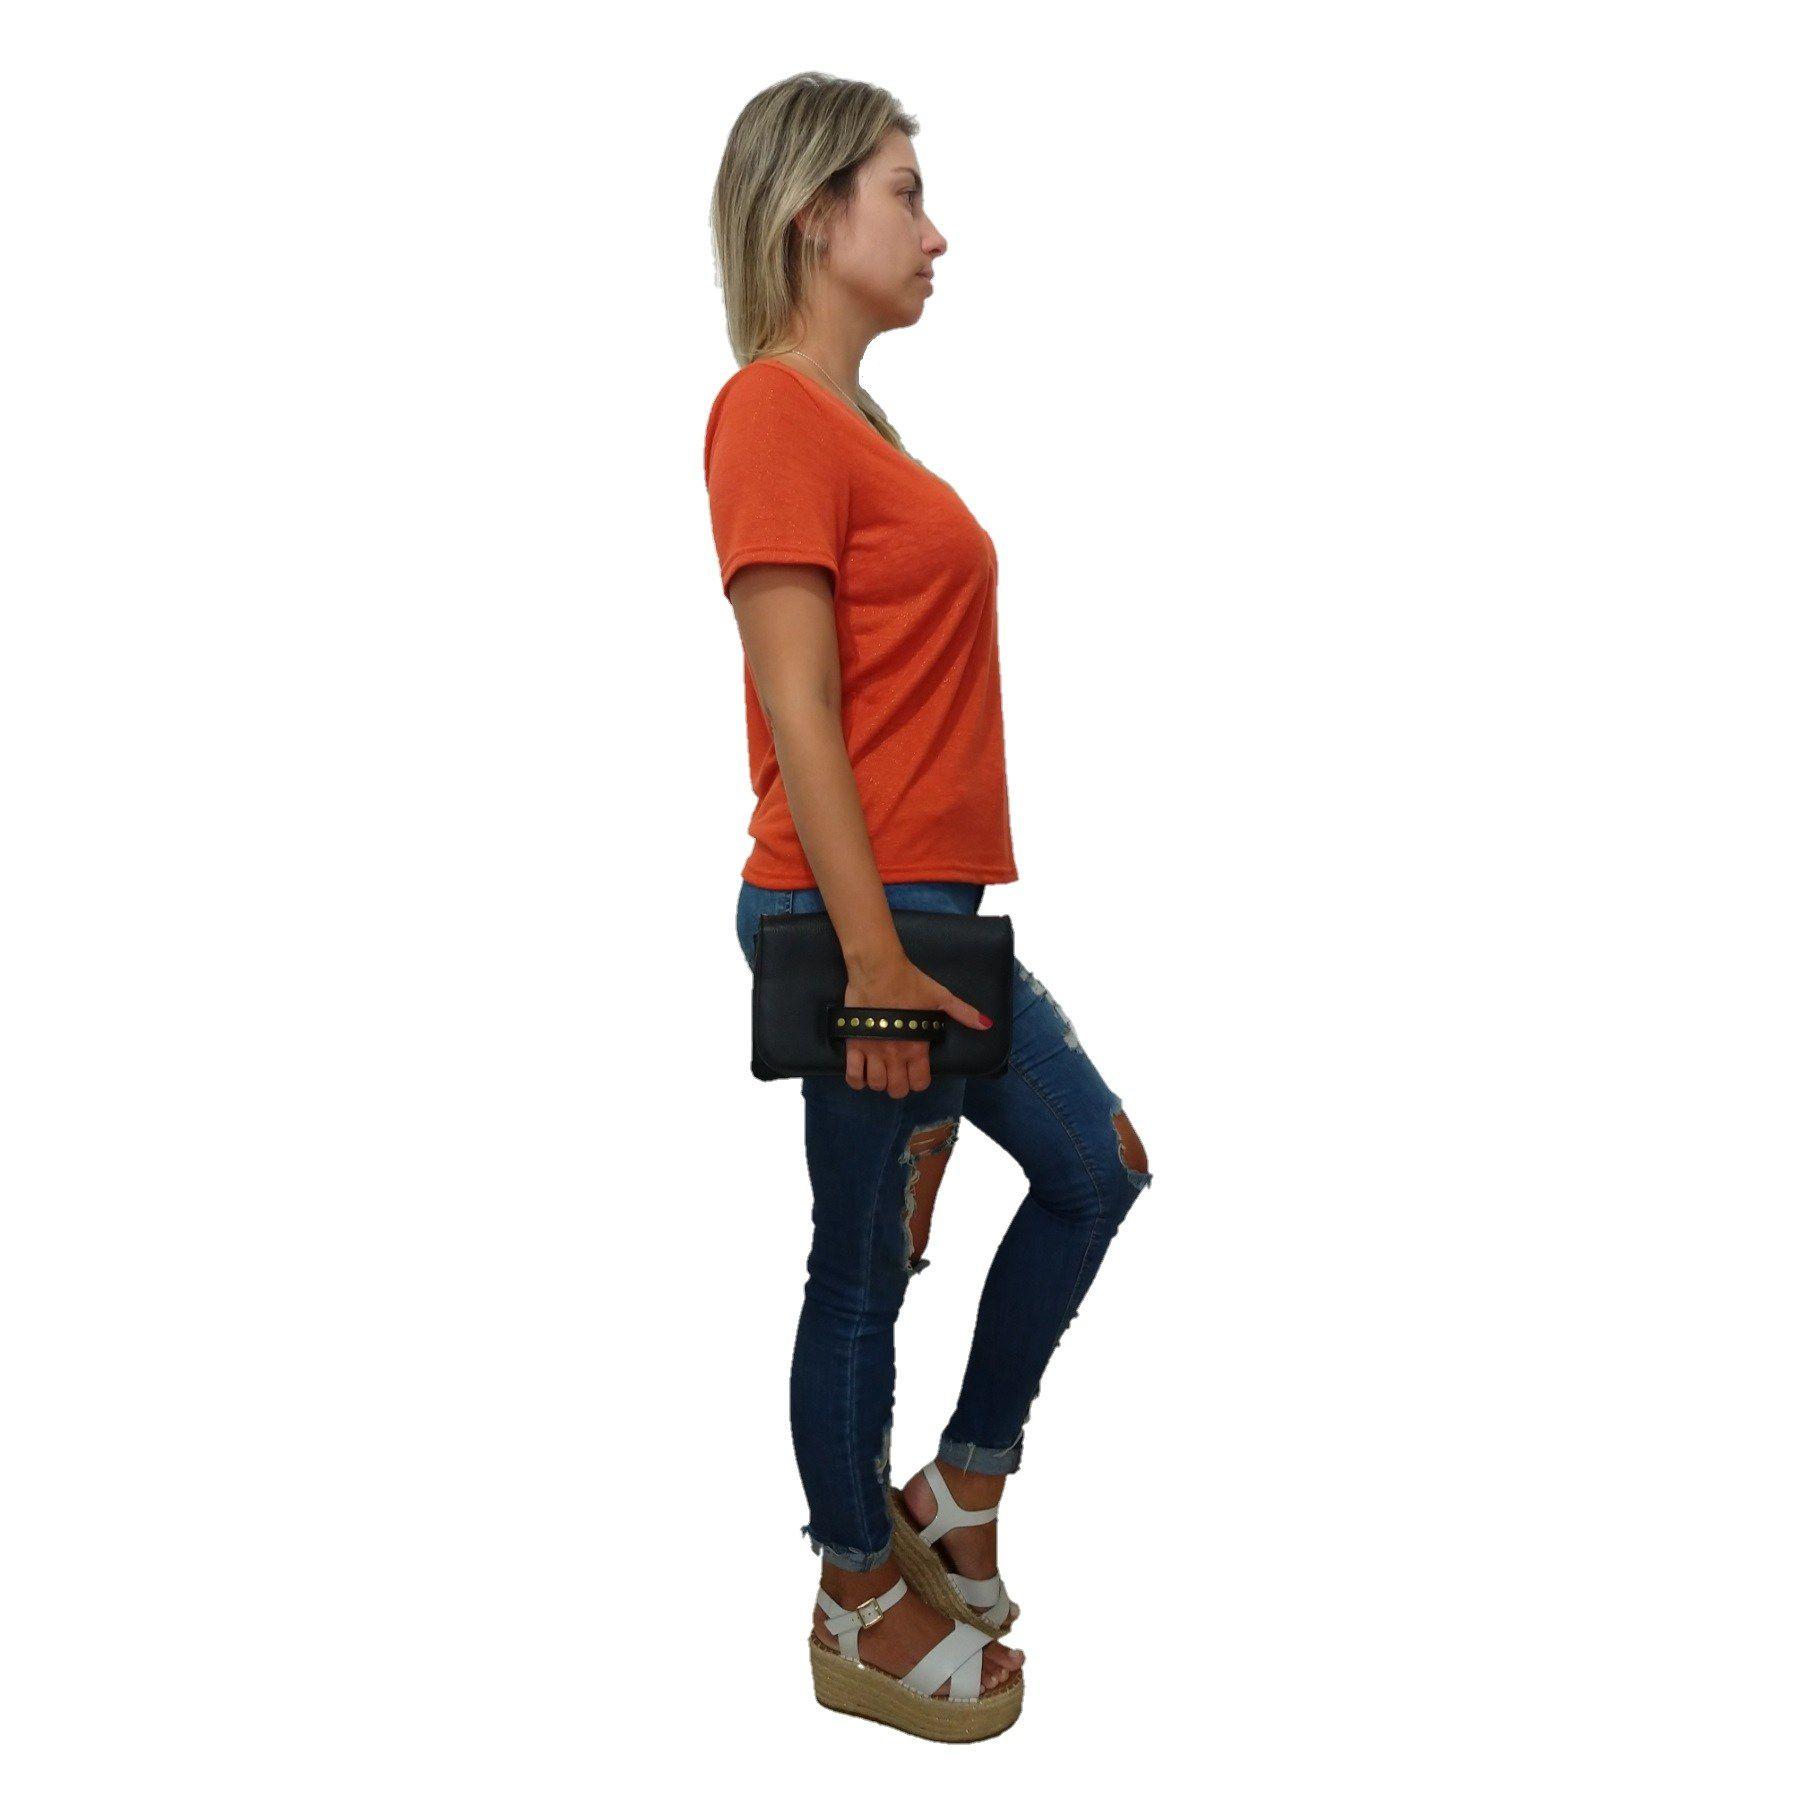 Bolsa Carteira Clutch TopGrife Transversal Couro  - SAPATOWEB.COM